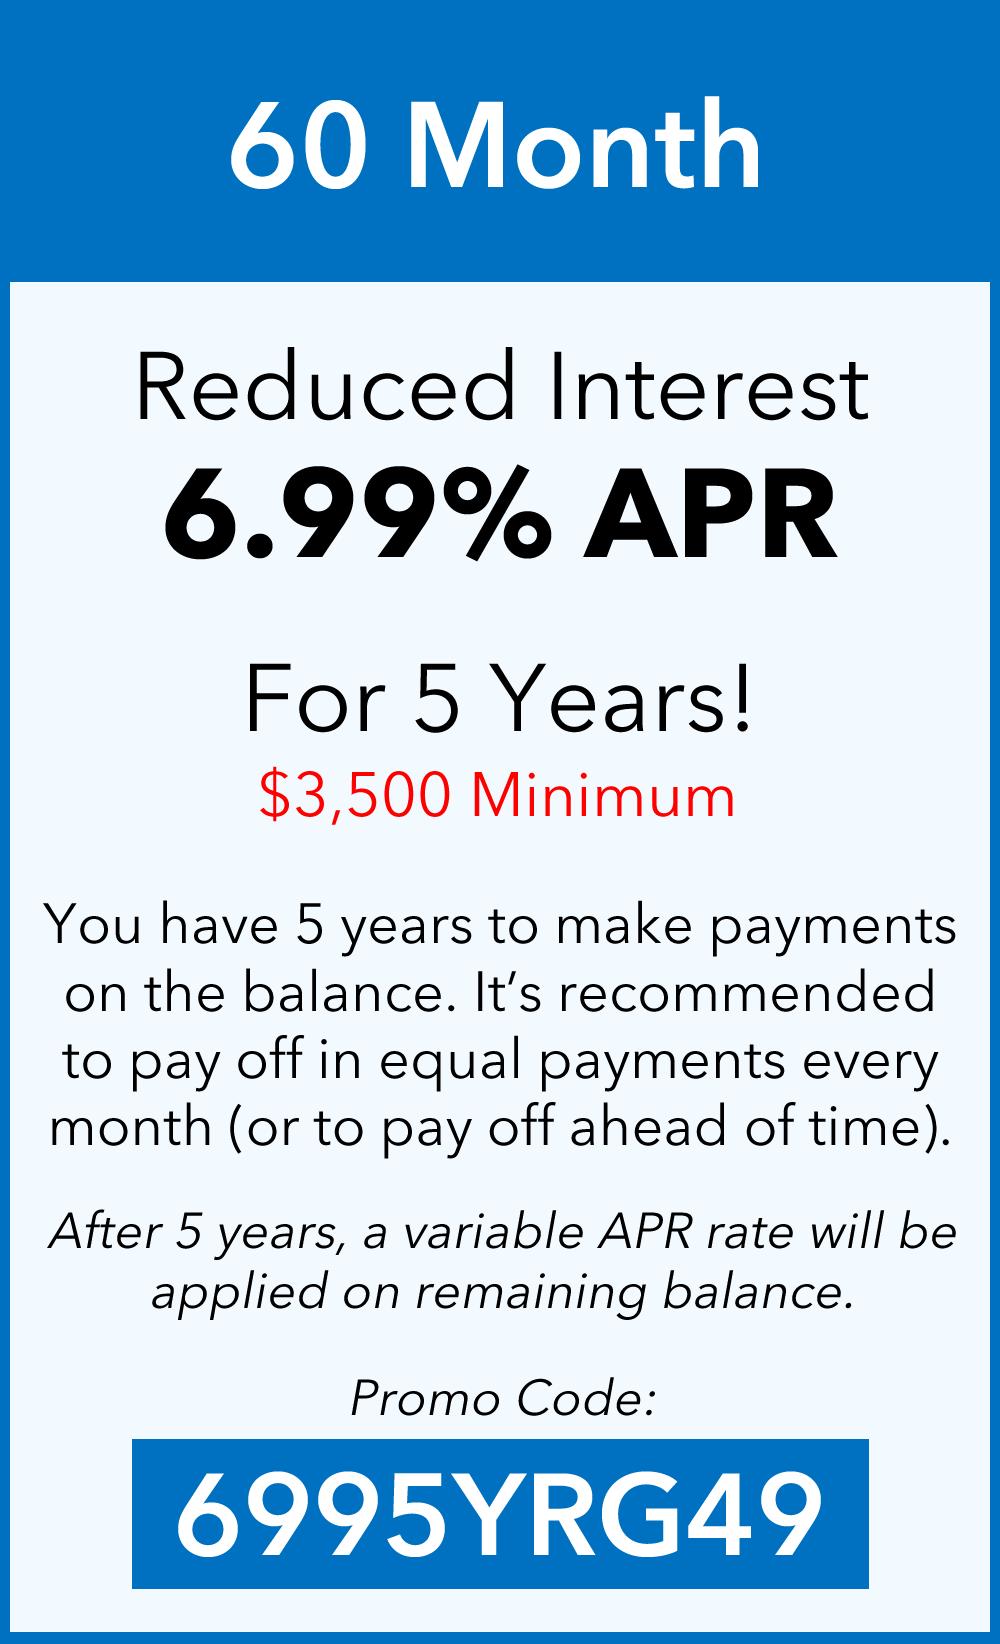 5 Year 6.99% APR